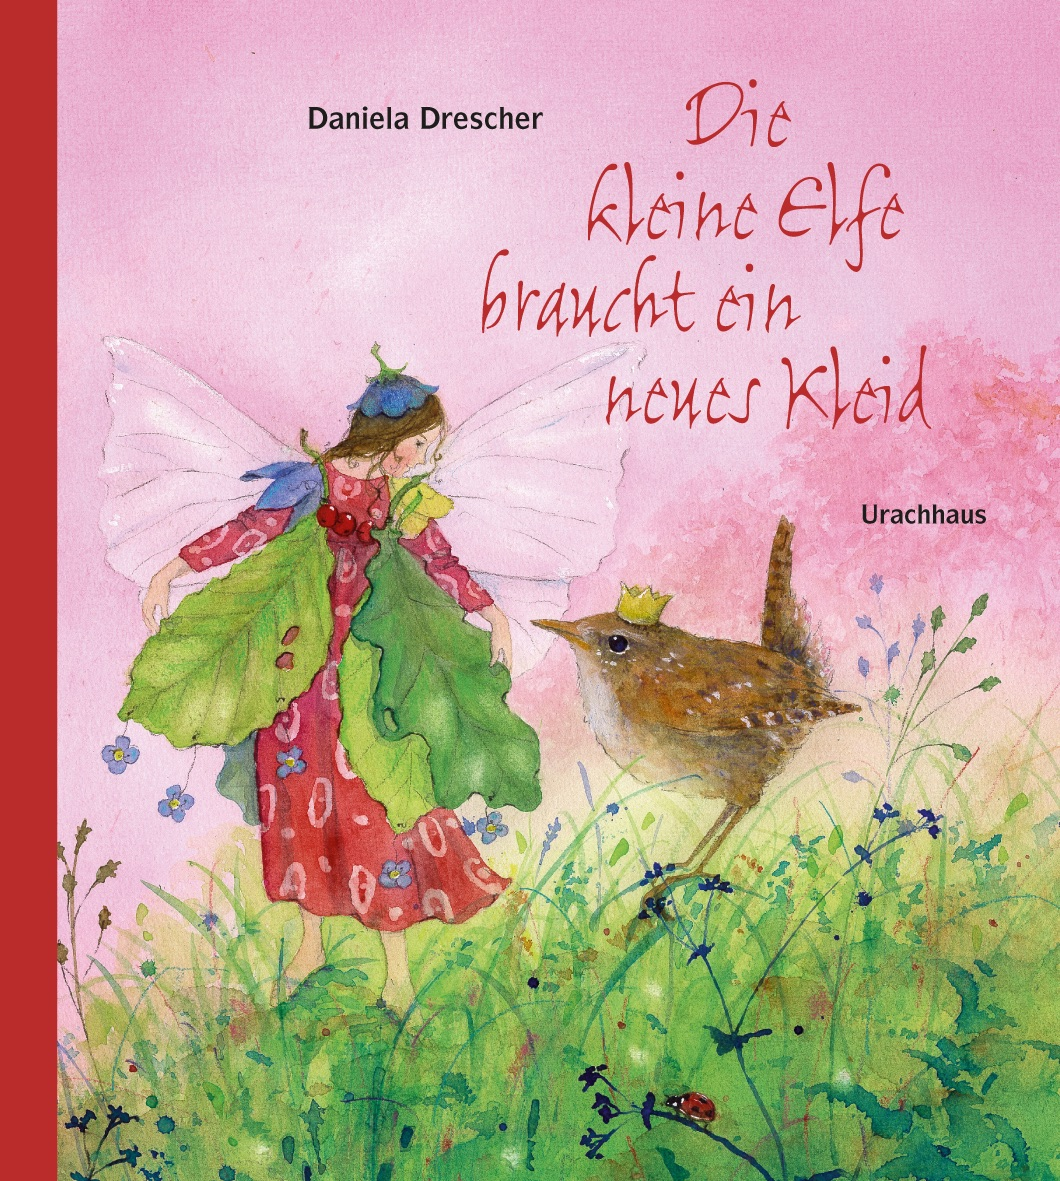 Postkarte Daniela Drescher Die kleine Elfe kann nicht schlafen